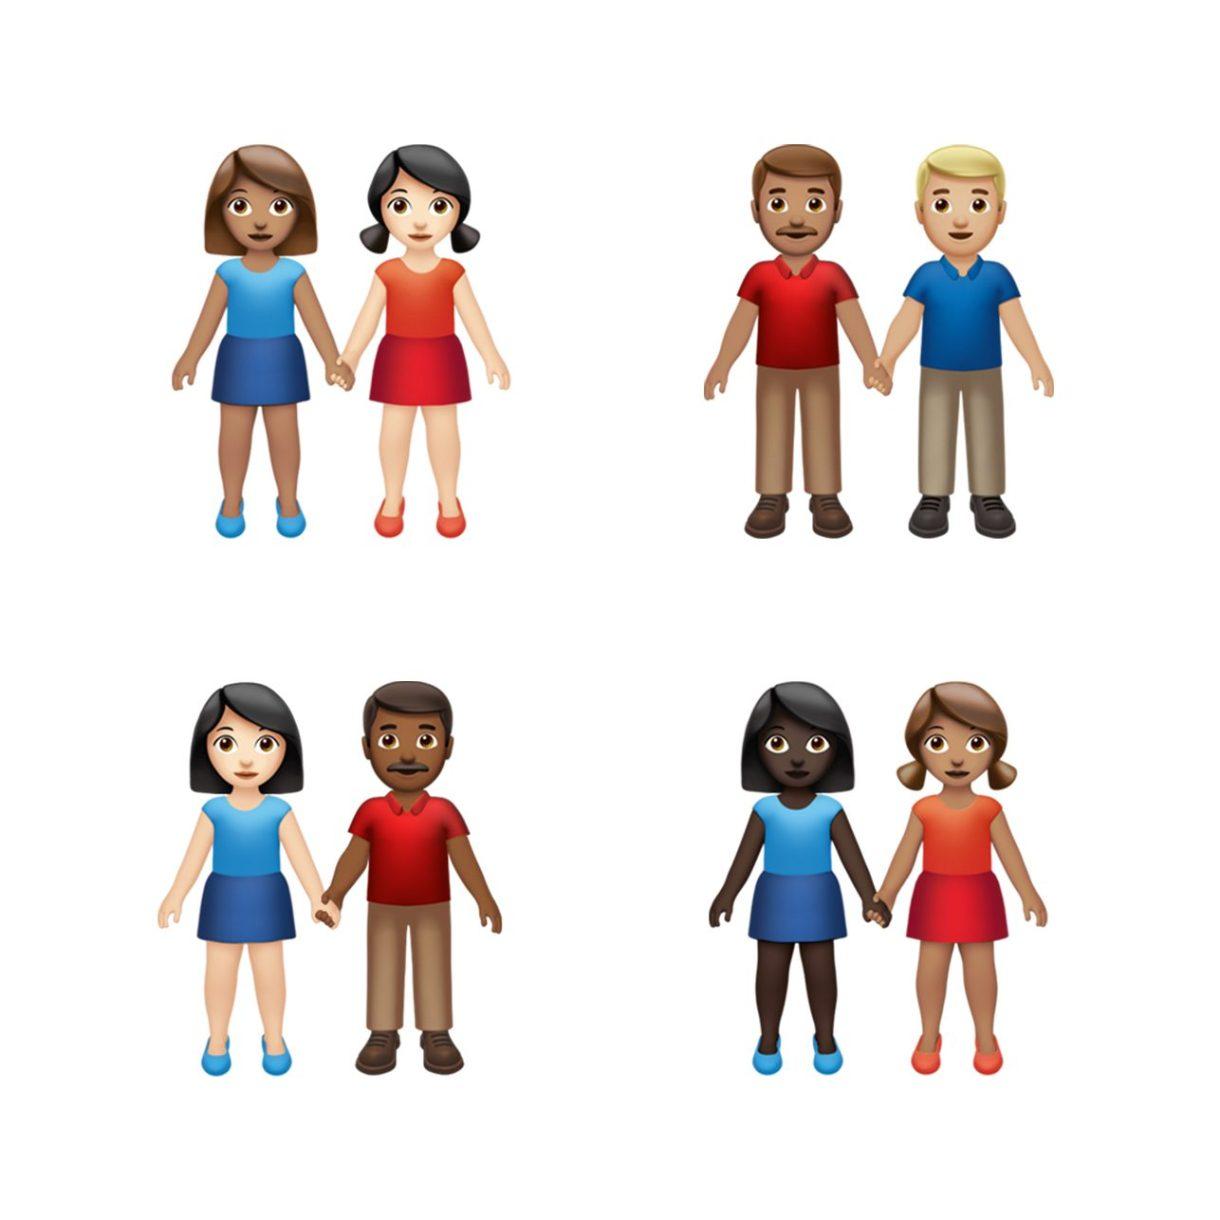 1 - شركة آبل تكشف عن عشرات الرموز التعبيرية الجديدة القادمة إلى iOS وmacOS هذا الخريف